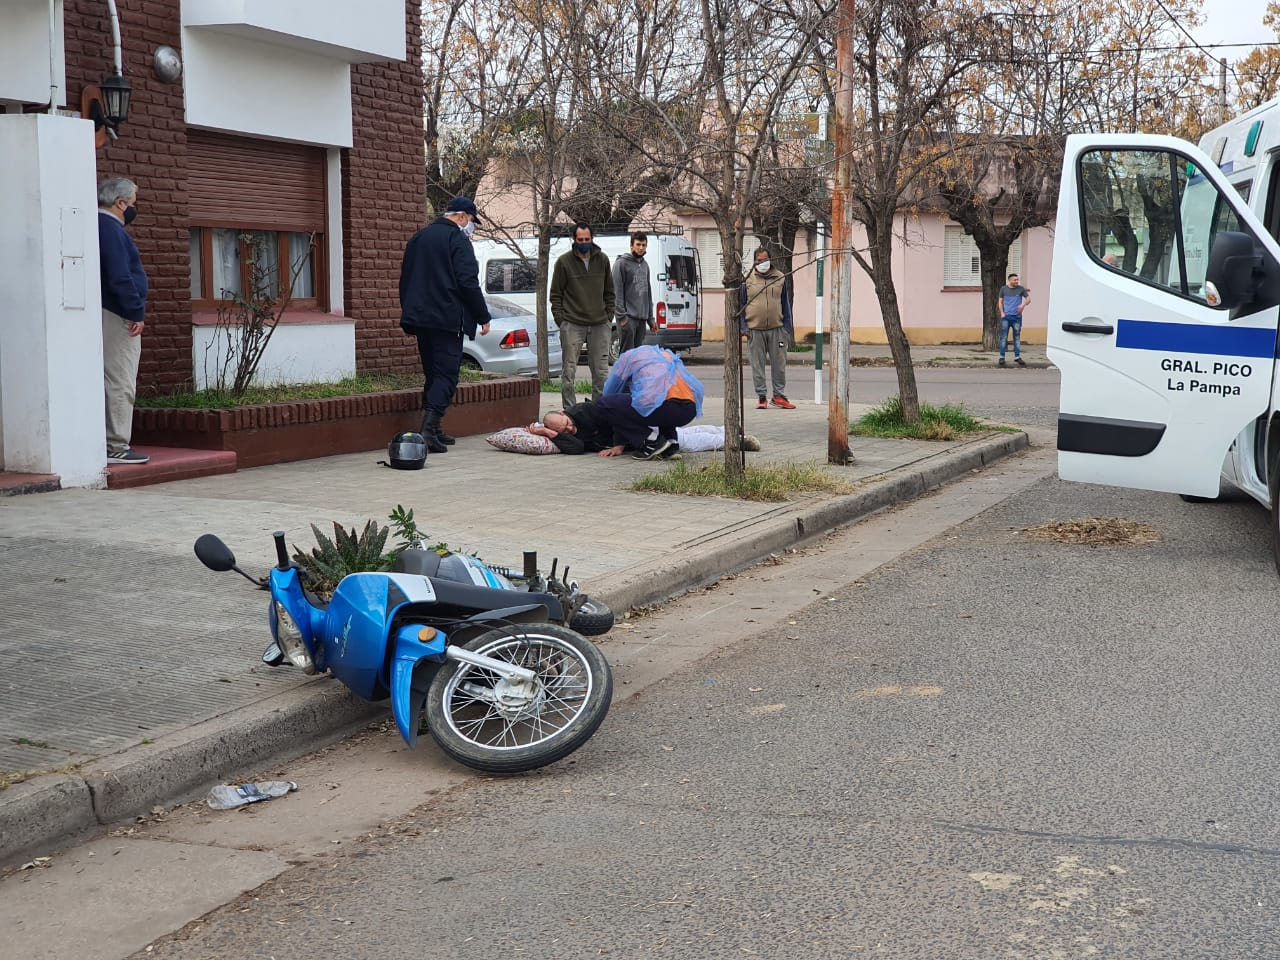 Motociclista sufrió fuertes golpes y tuvo que ser trasladado al hospital